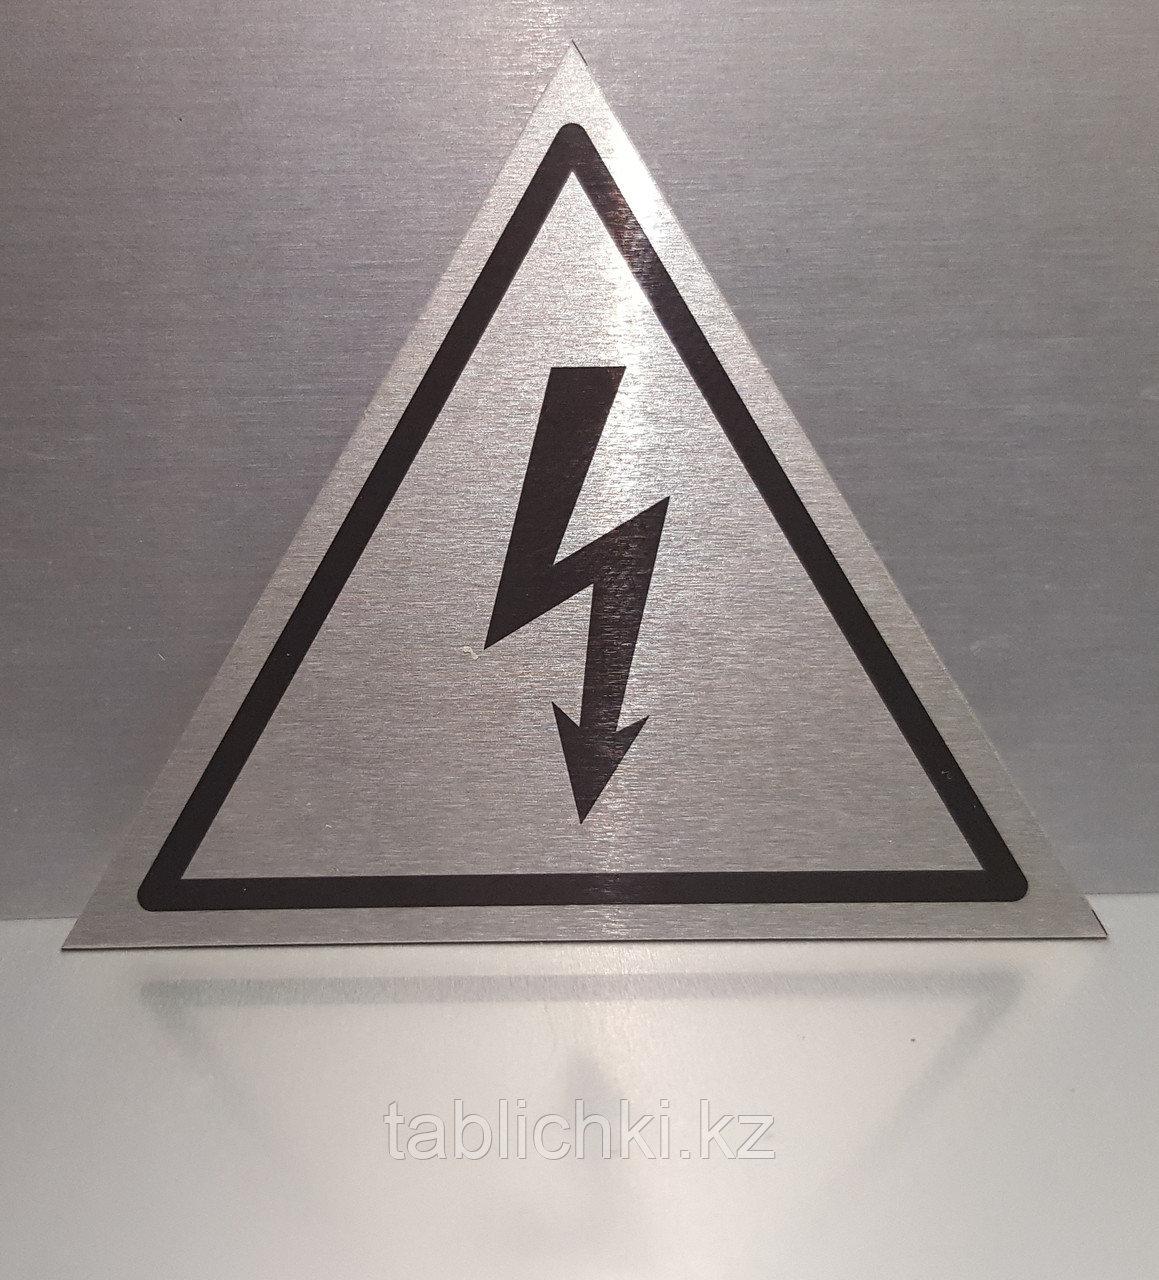 Треугольный металлический шильдик - высокое напряжение